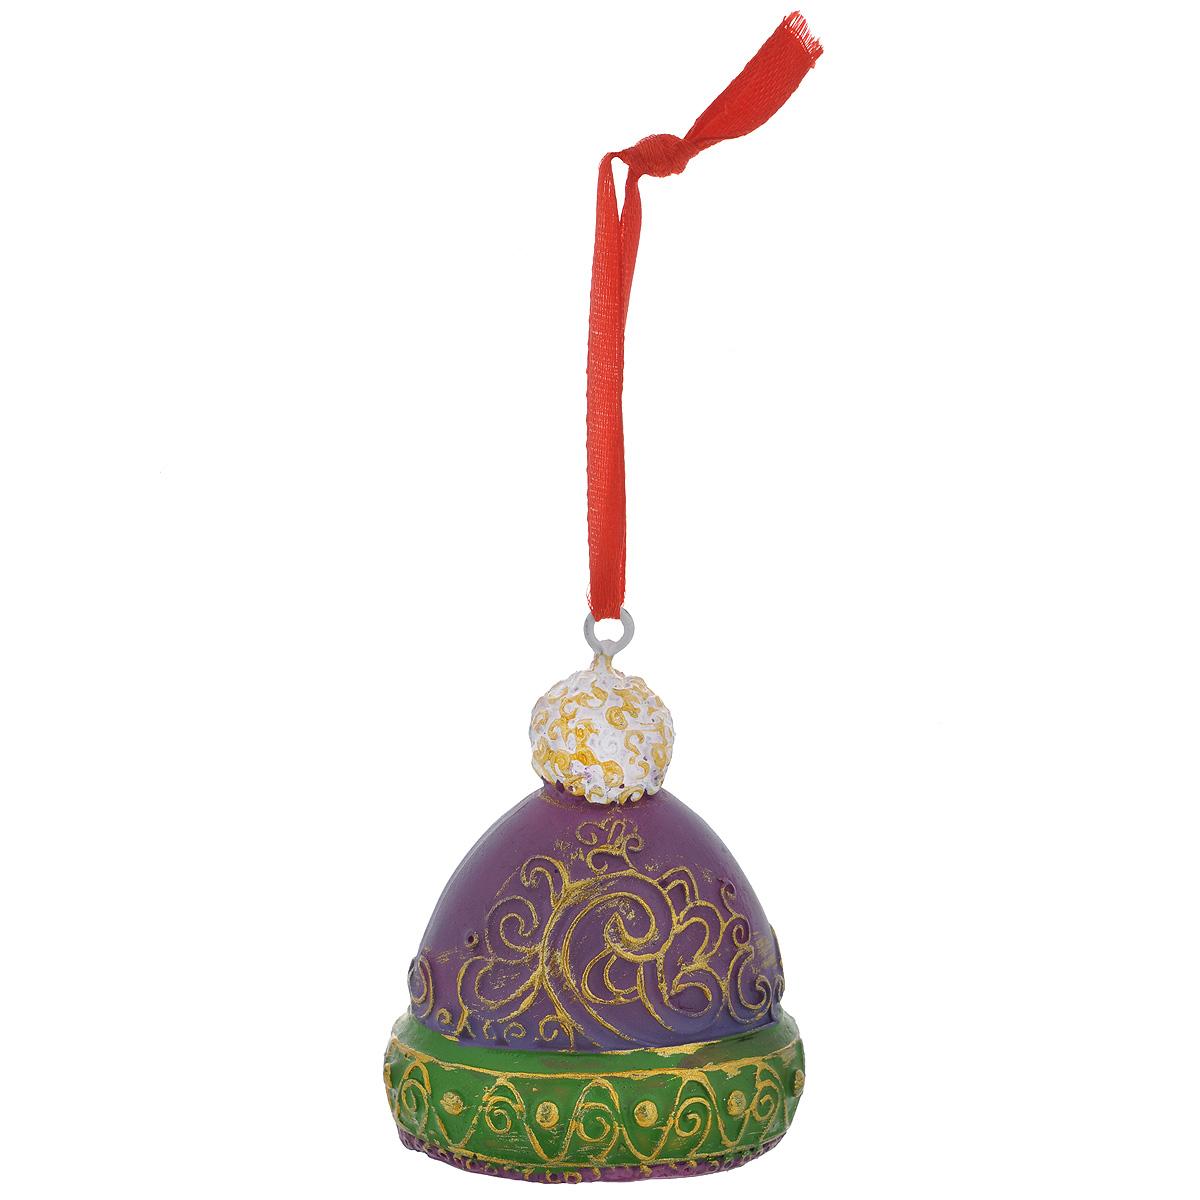 Новогоднее подвесное украшение Шапка, цвет: фиолетовый, зеленый. 3459809840-20.000.00Оригинальное новогоднее украшение из пластика прекрасно подойдет для праздничного декора дома и новогодней ели. Изделие крепится на елку с помощью металлического зажима.